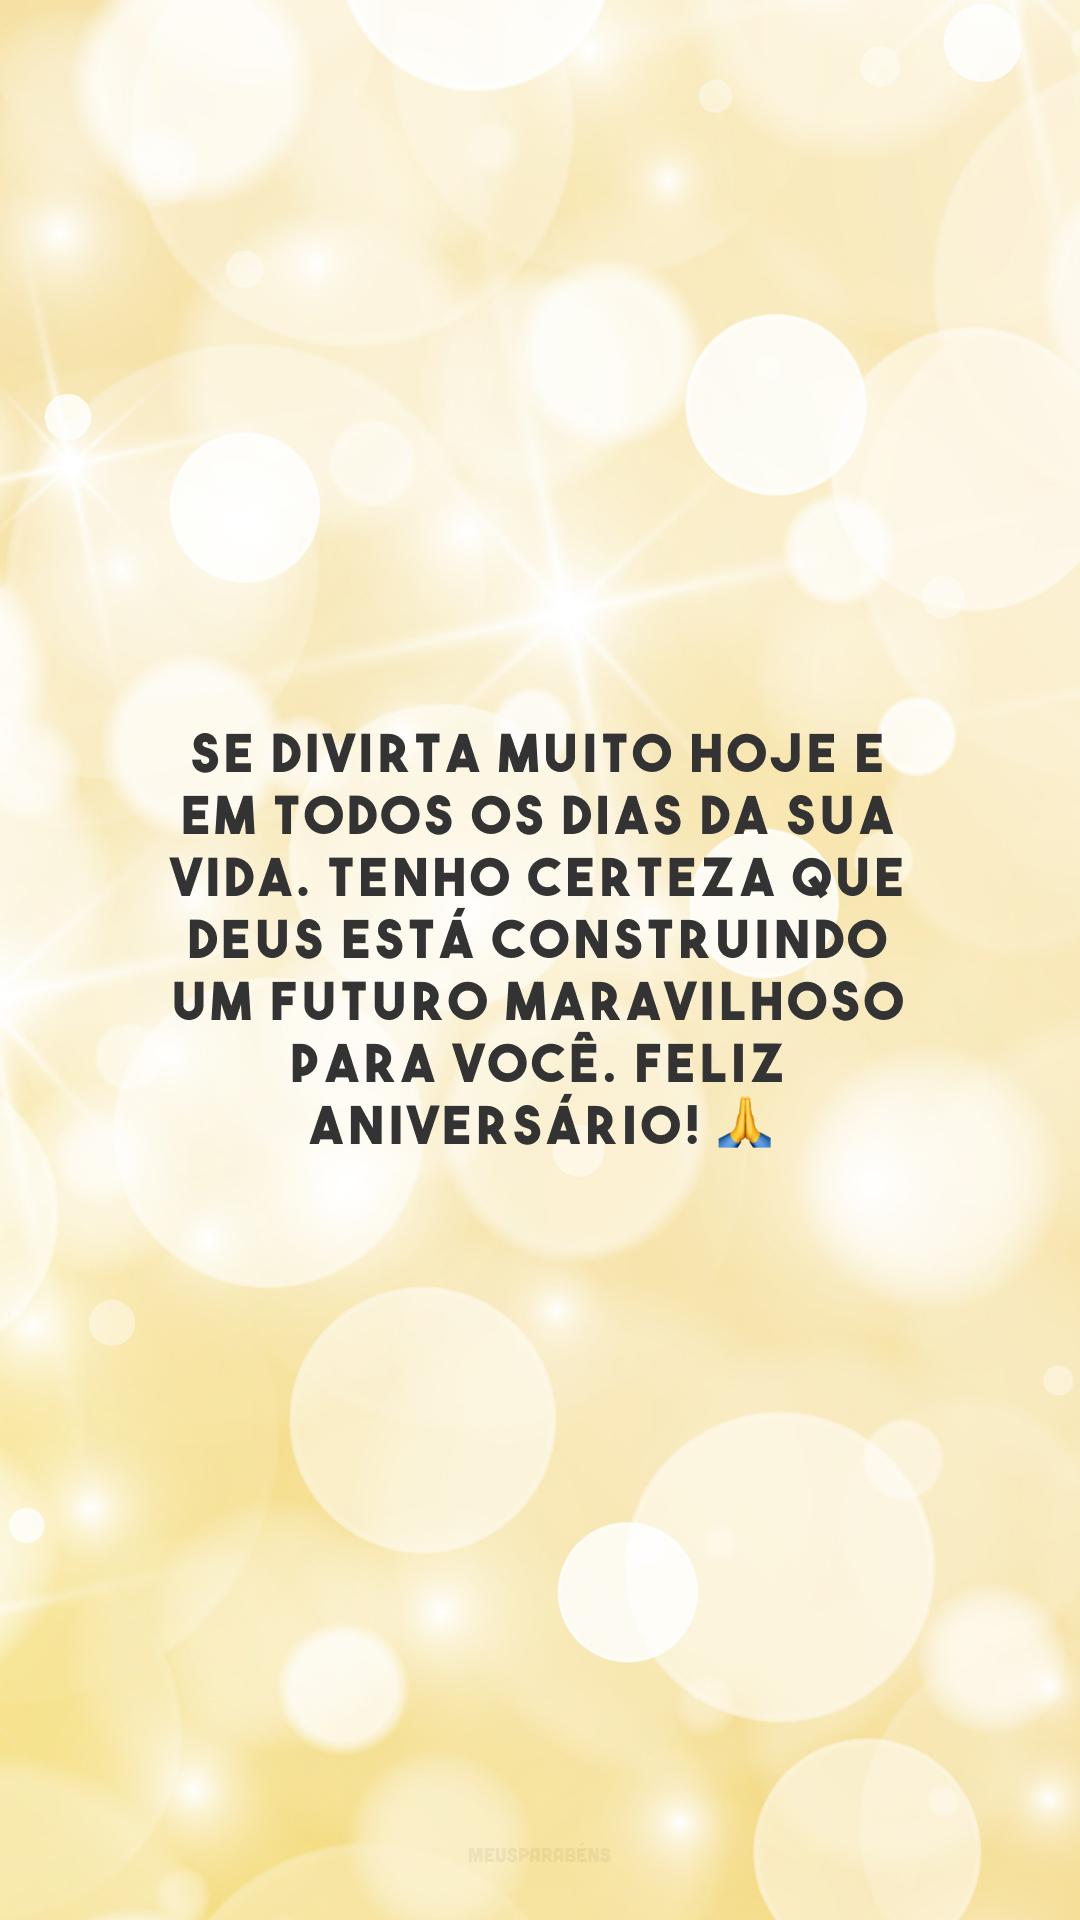 Se divirta muito hoje e em todos os dias da sua vida. Tenho certeza que Deus está construindo um futuro maravilhoso para você. Feliz aniversário! 🙏